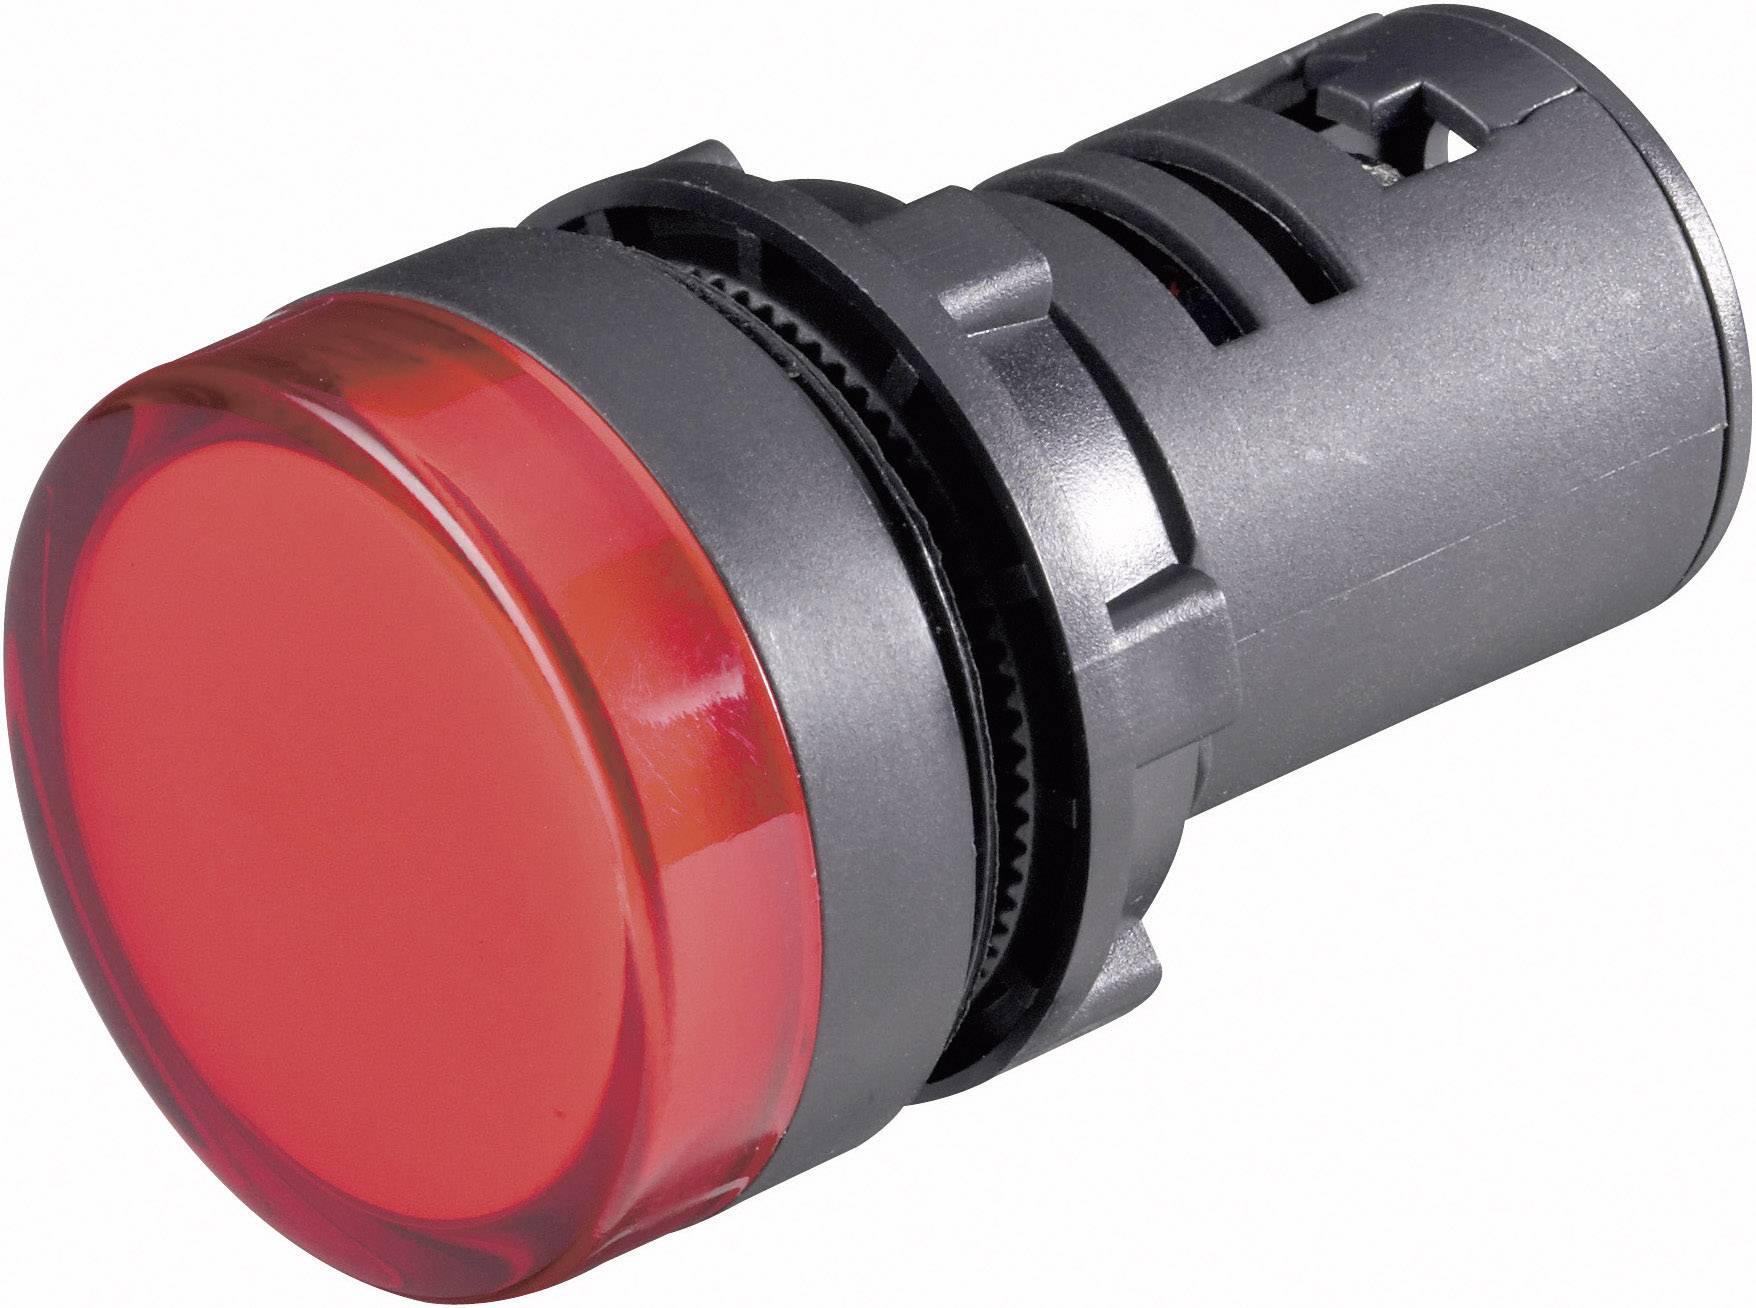 Blikající LED signálka, 22 mm, RT RN-0515S/P